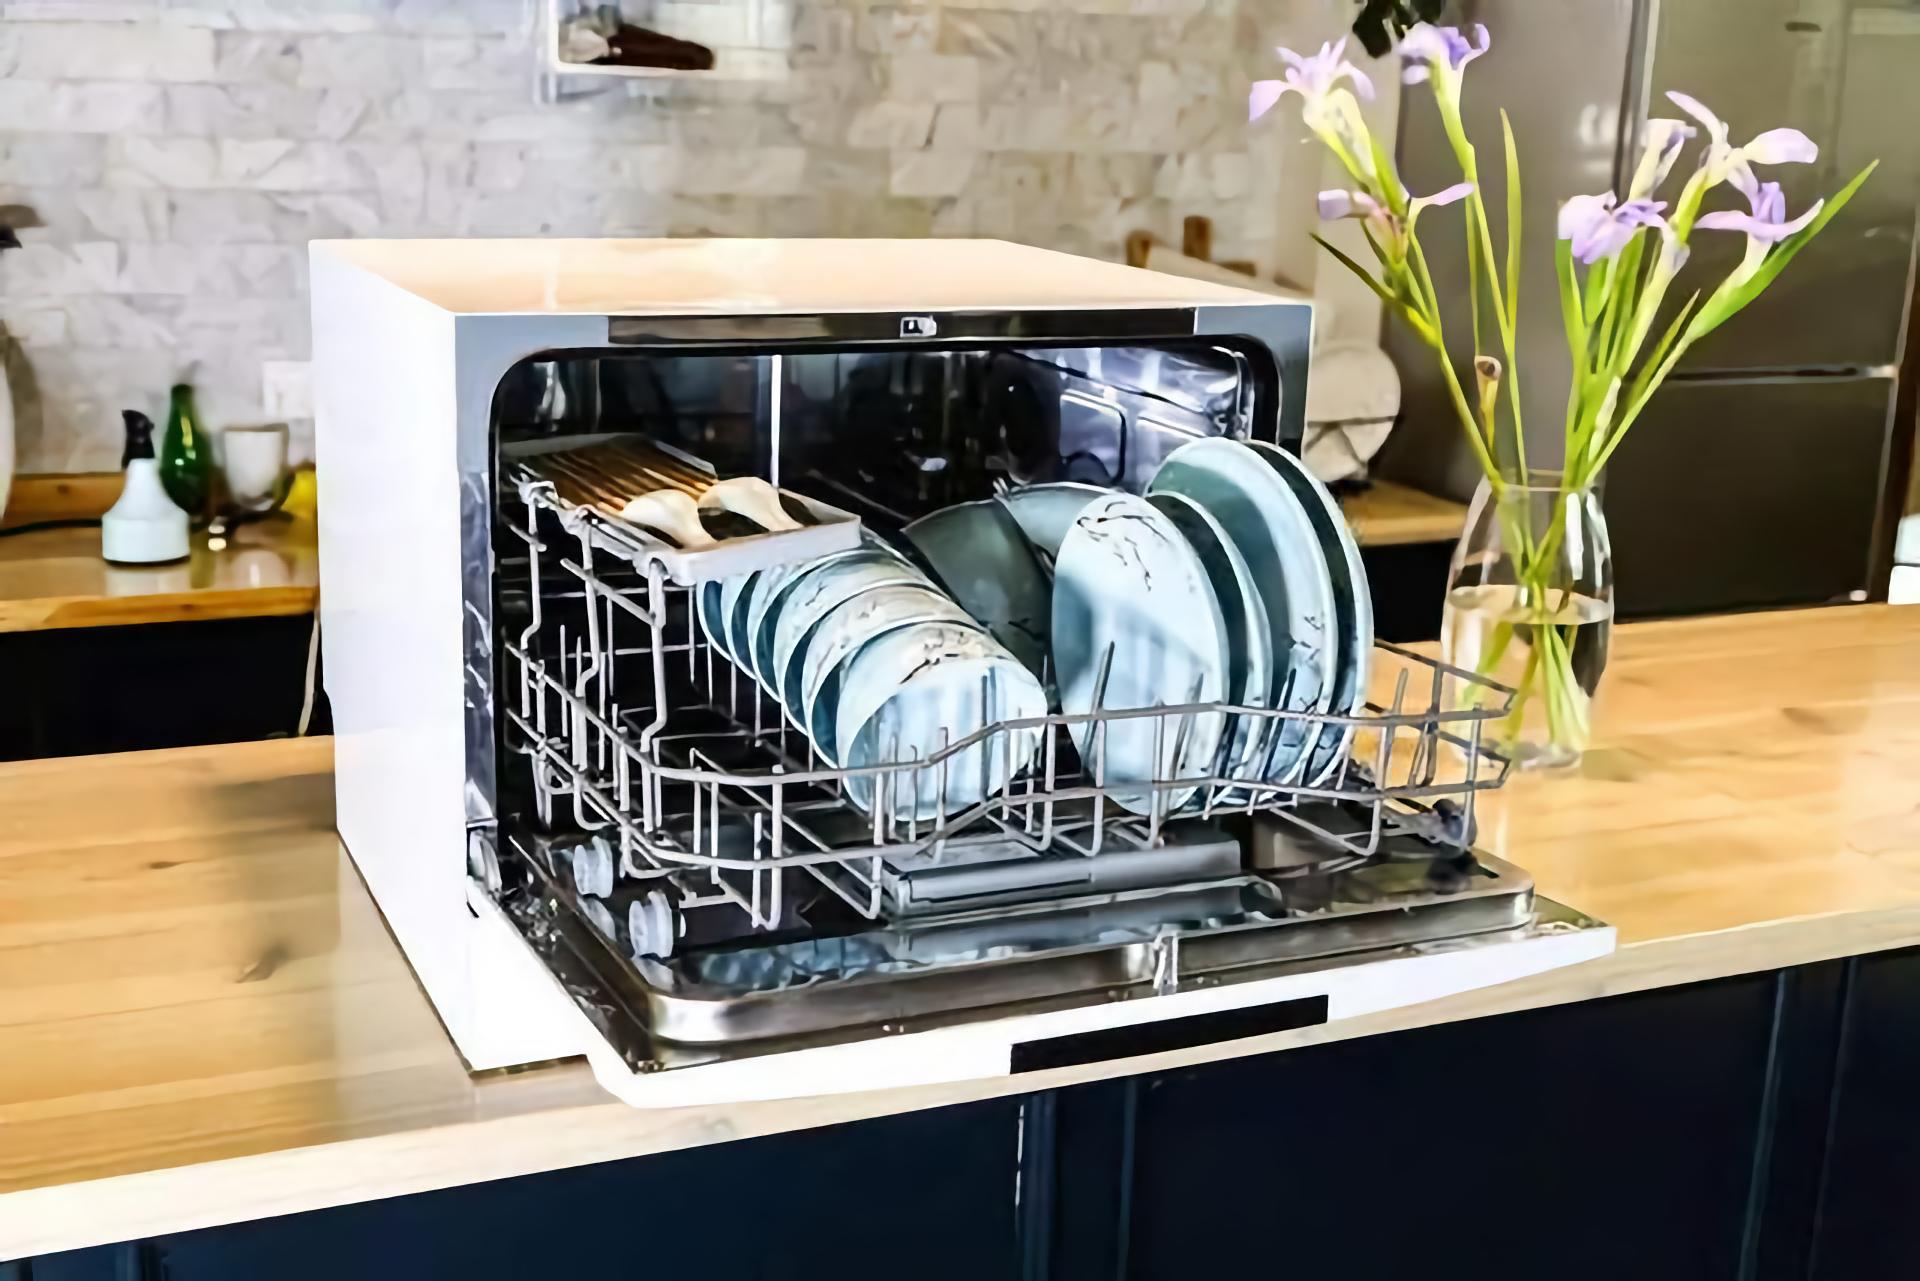 洗碗机真的很鸡肋?用过的人才知道有多好,实用又省事 家务卫生 第7张